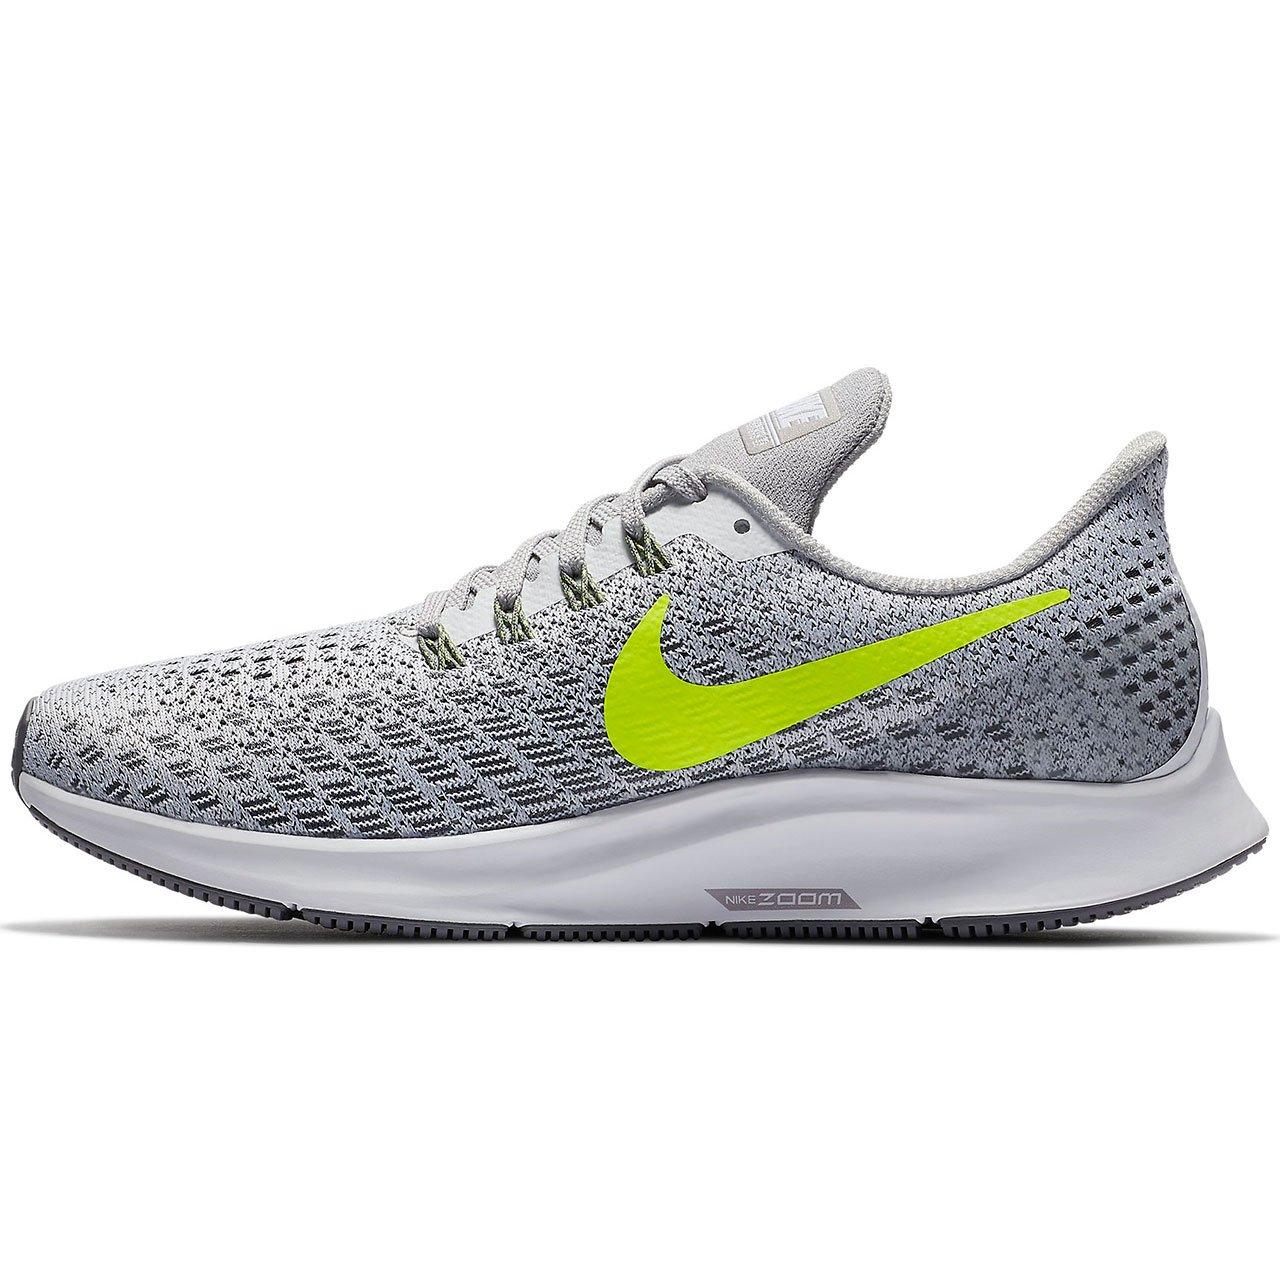 72b7bf9c34bbb Galleon - Nike Women's Air Zoom Pegasus 35 Running Shoes  White/Gunsmoke/Atmosphere Grey/Volt 5.5 B(M) US